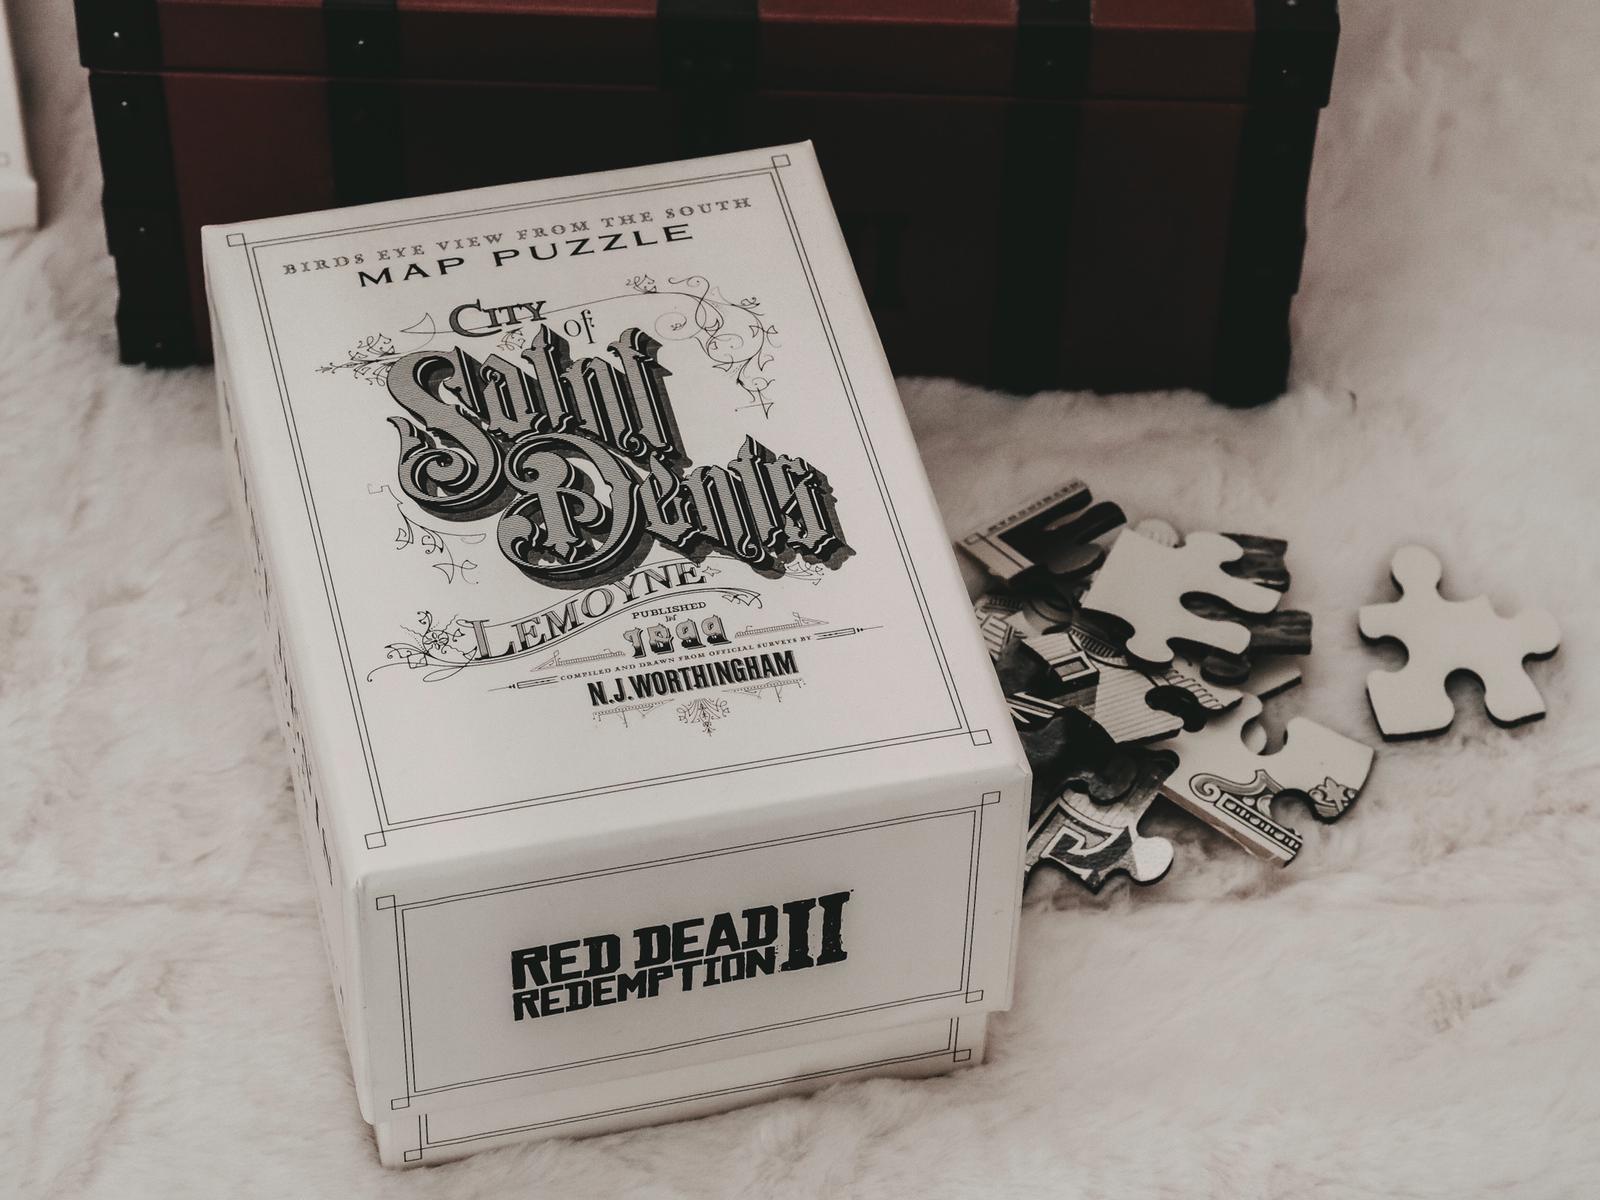 Red Dead Redemption 2 Collectors Box Unboxing heute auf dem Gaming Blog. Die tolle limitierte Collectors Edition von RDR2 ist ein Muss für jeden Gaming Fan!